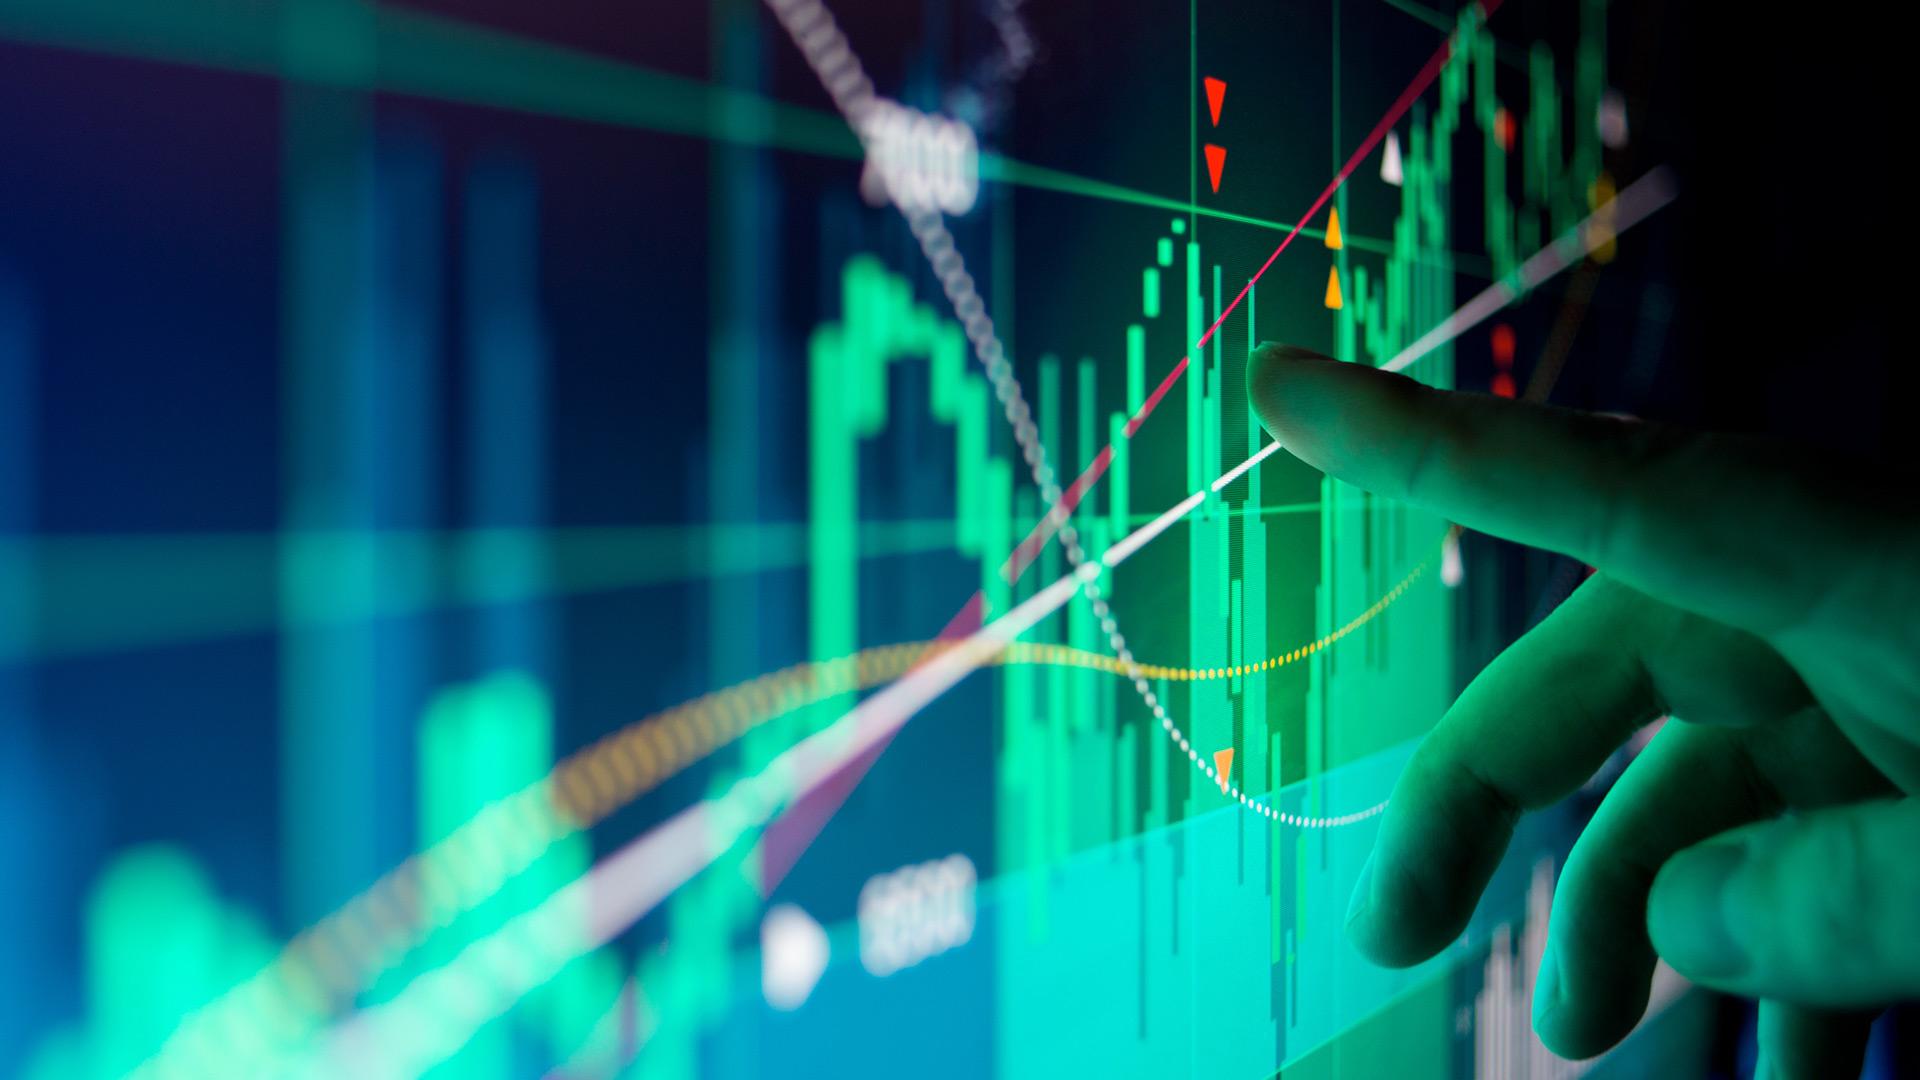 Doigt qui pointe vers un graphique à barres sur un écran